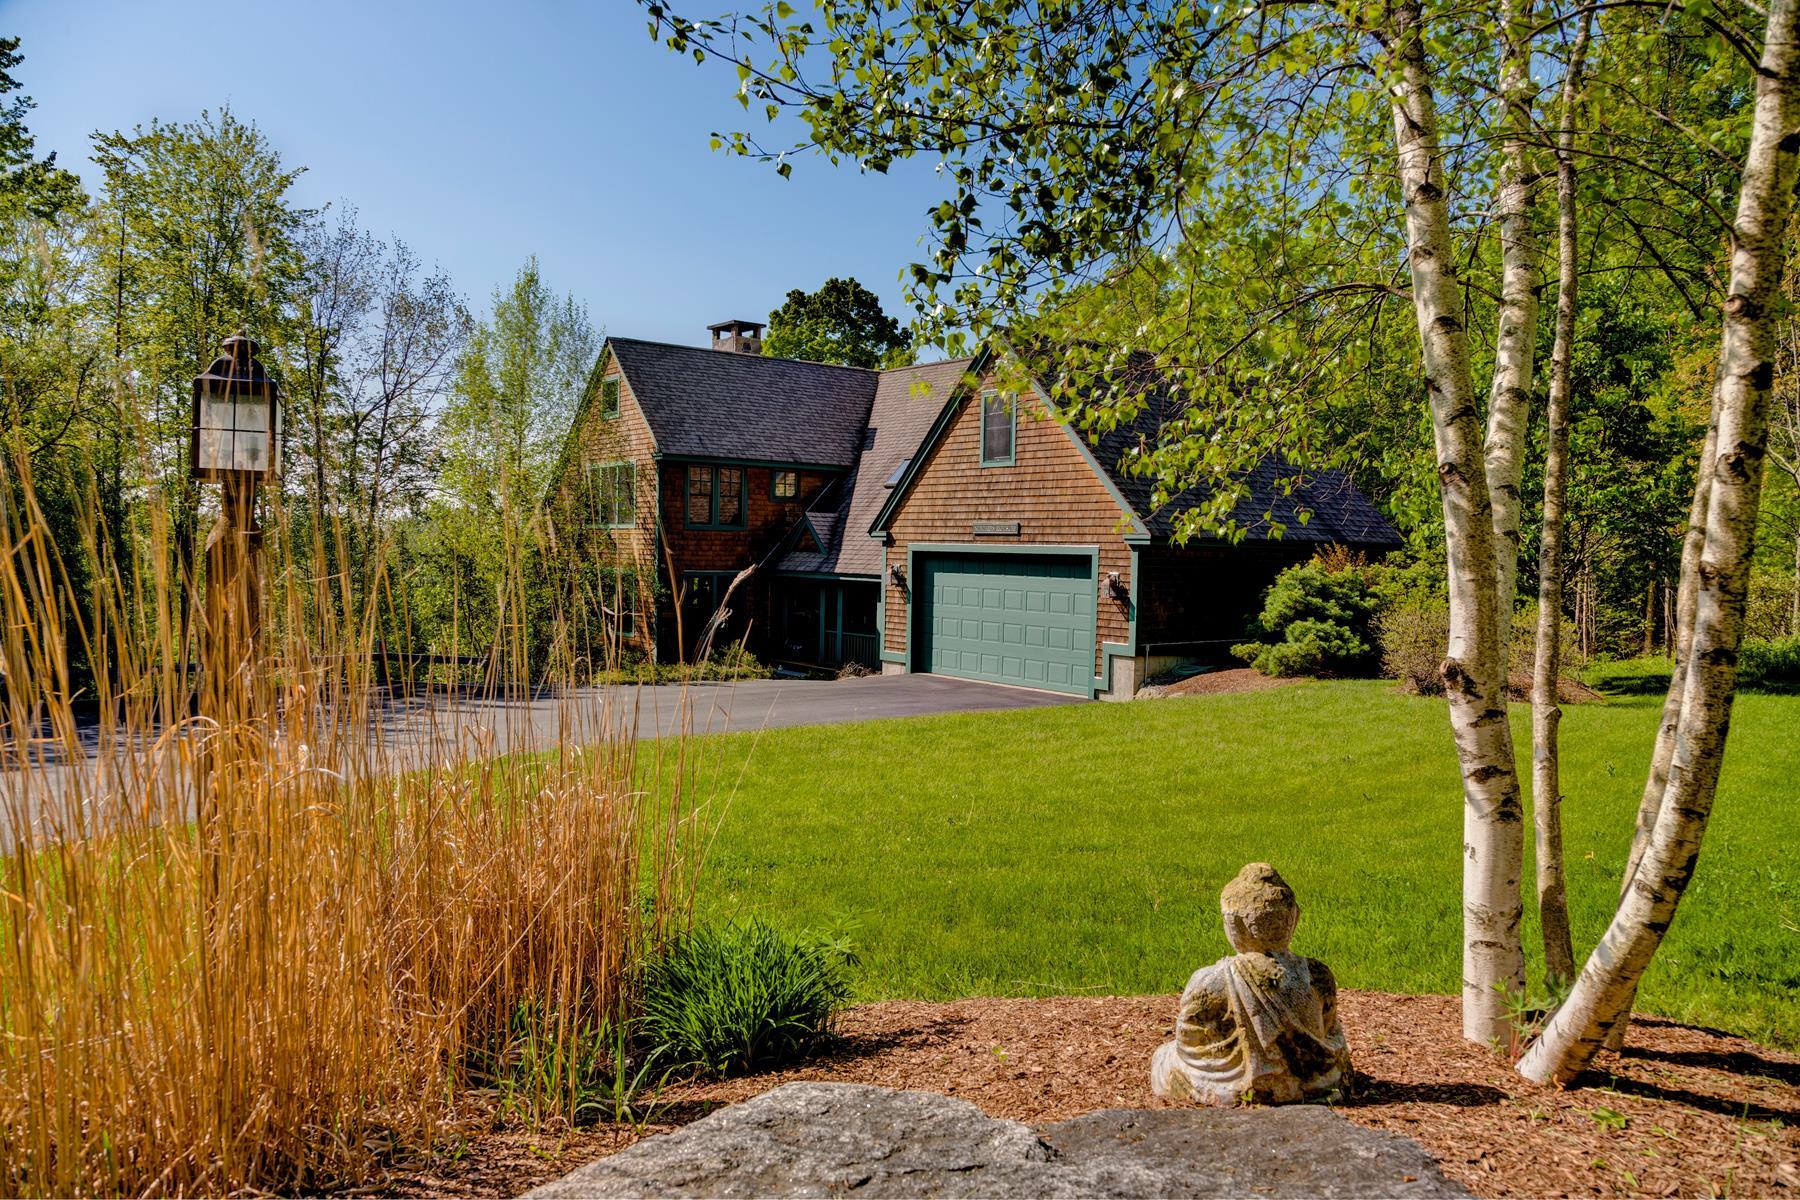 Einfamilienhaus für Verkauf beim 202 Colby Hill Road, Springfield 202 Colby Hill Rd Springfield, New Hampshire, 03284 Vereinigte Staaten